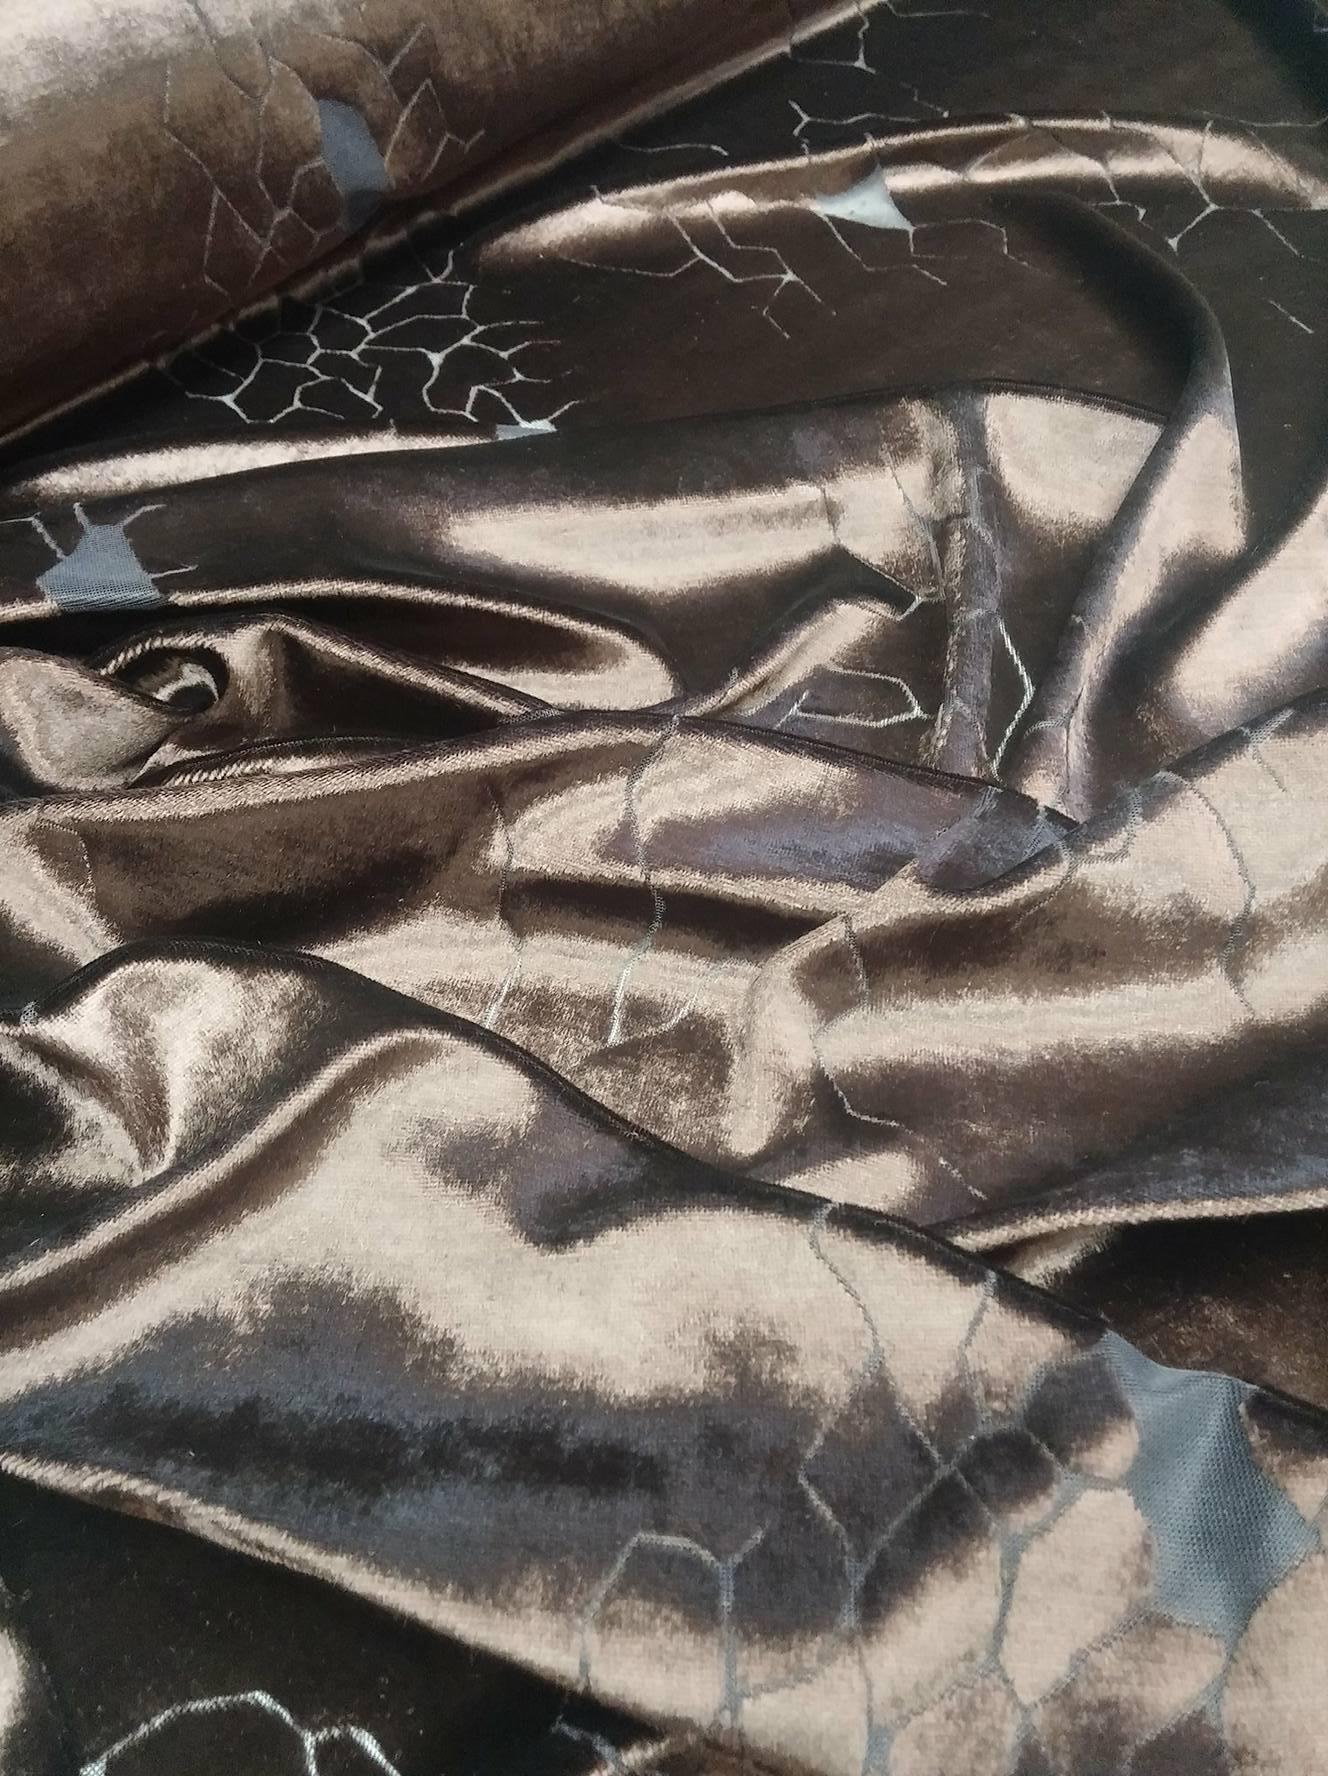 Elastický samet s průsvitným vzorem   Zboží prodejce Solidus Brno ... 38205e92846